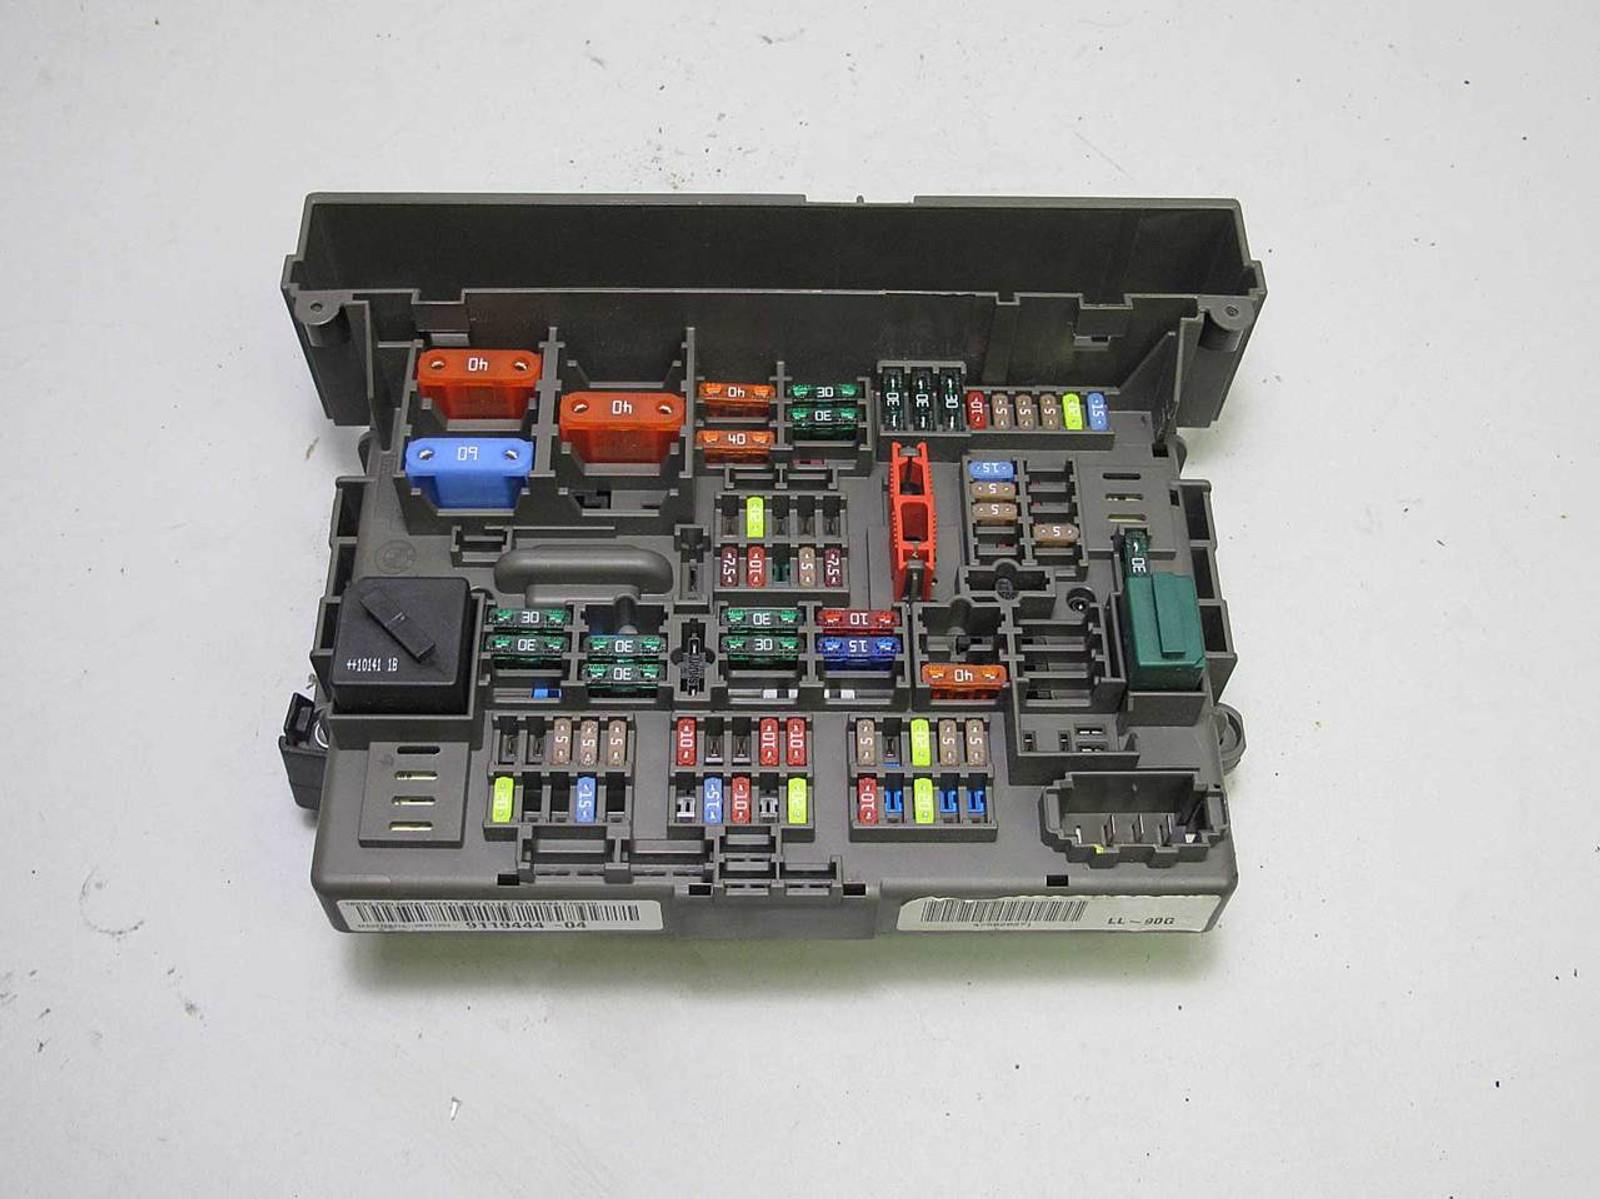 hight resolution of bmw e90 e92 3 series e82 front interior glove box fuse box 2008 2013 bmw 328i fuse box diagram bmw e90 glove box fuse